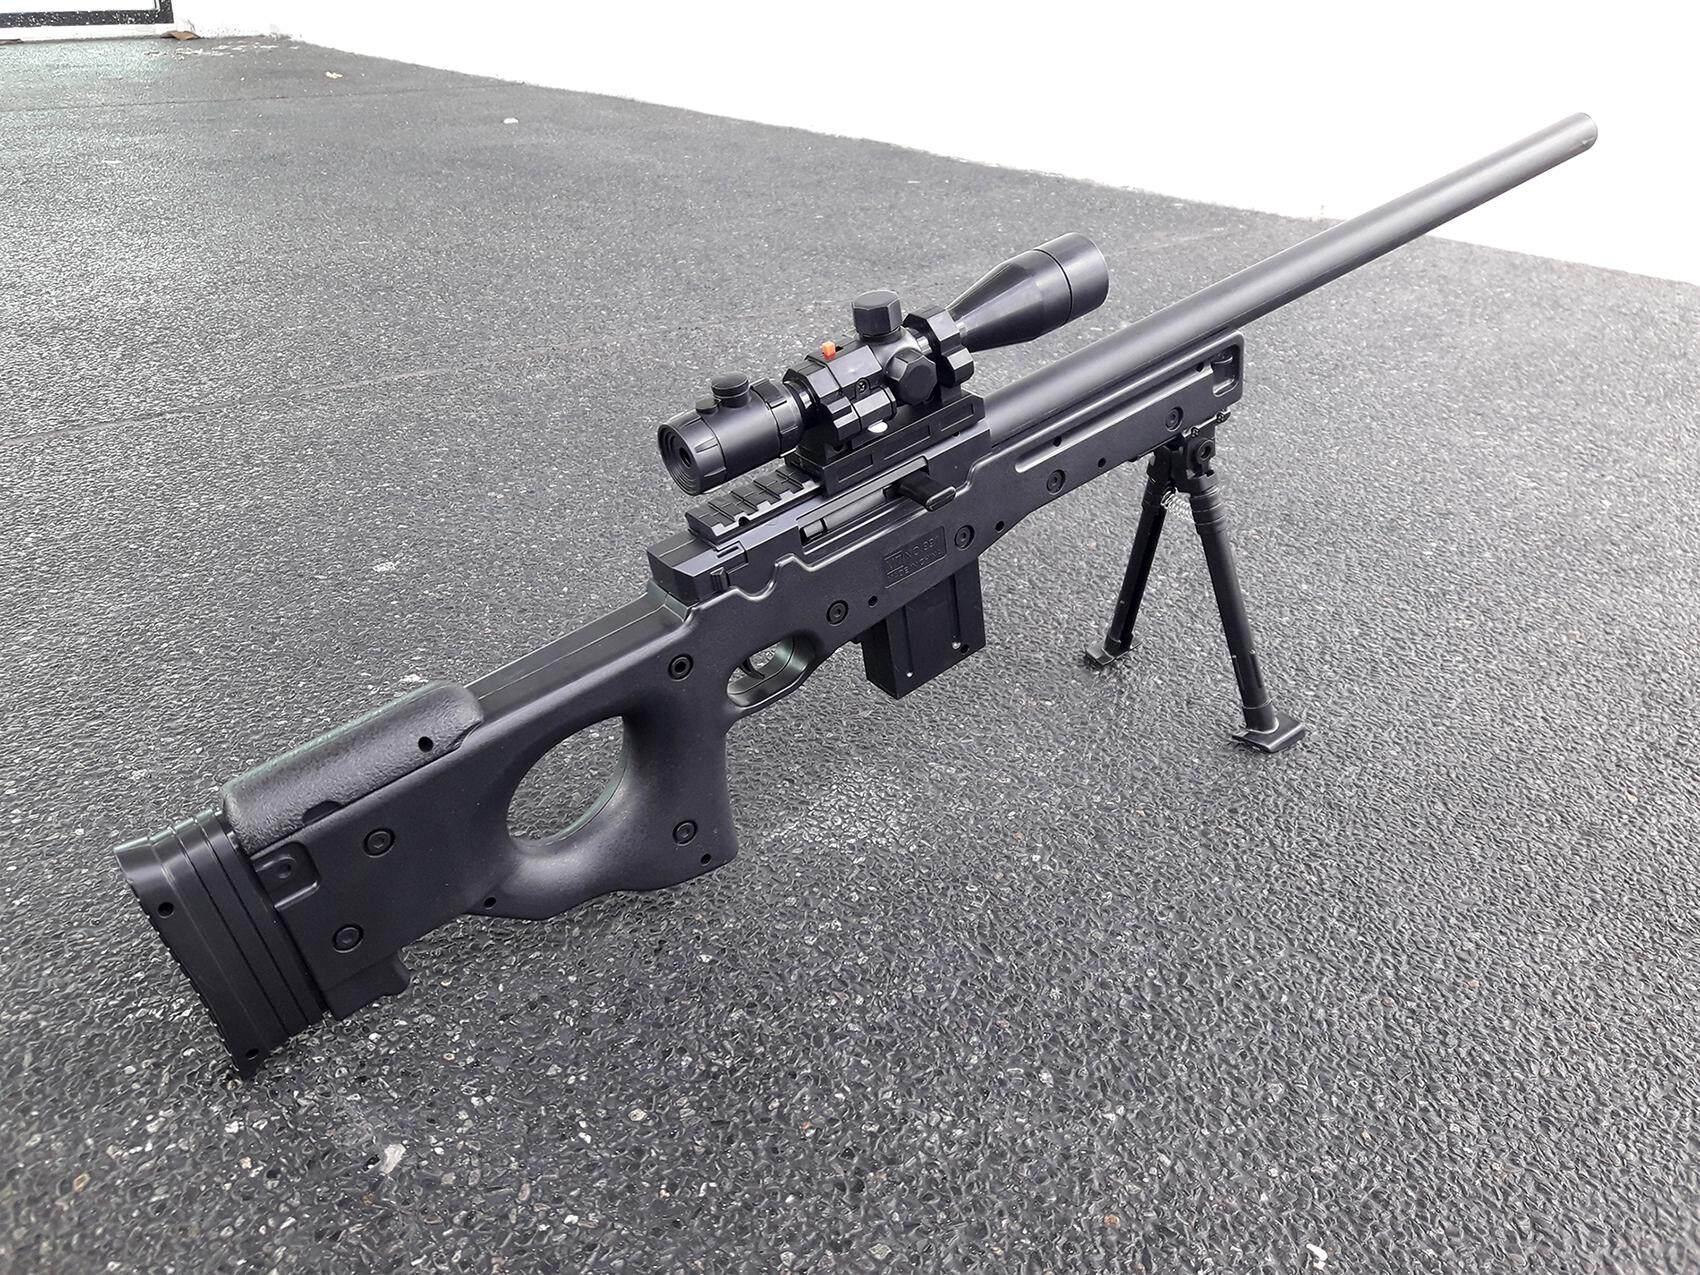 KhoaOat Toys ปืนอัดลม ปืนสไนเปอร์อัดลม ลำกล้องติดเลเซอร์ บอดี้พลาสติกแข็ง รุ่น MT.991